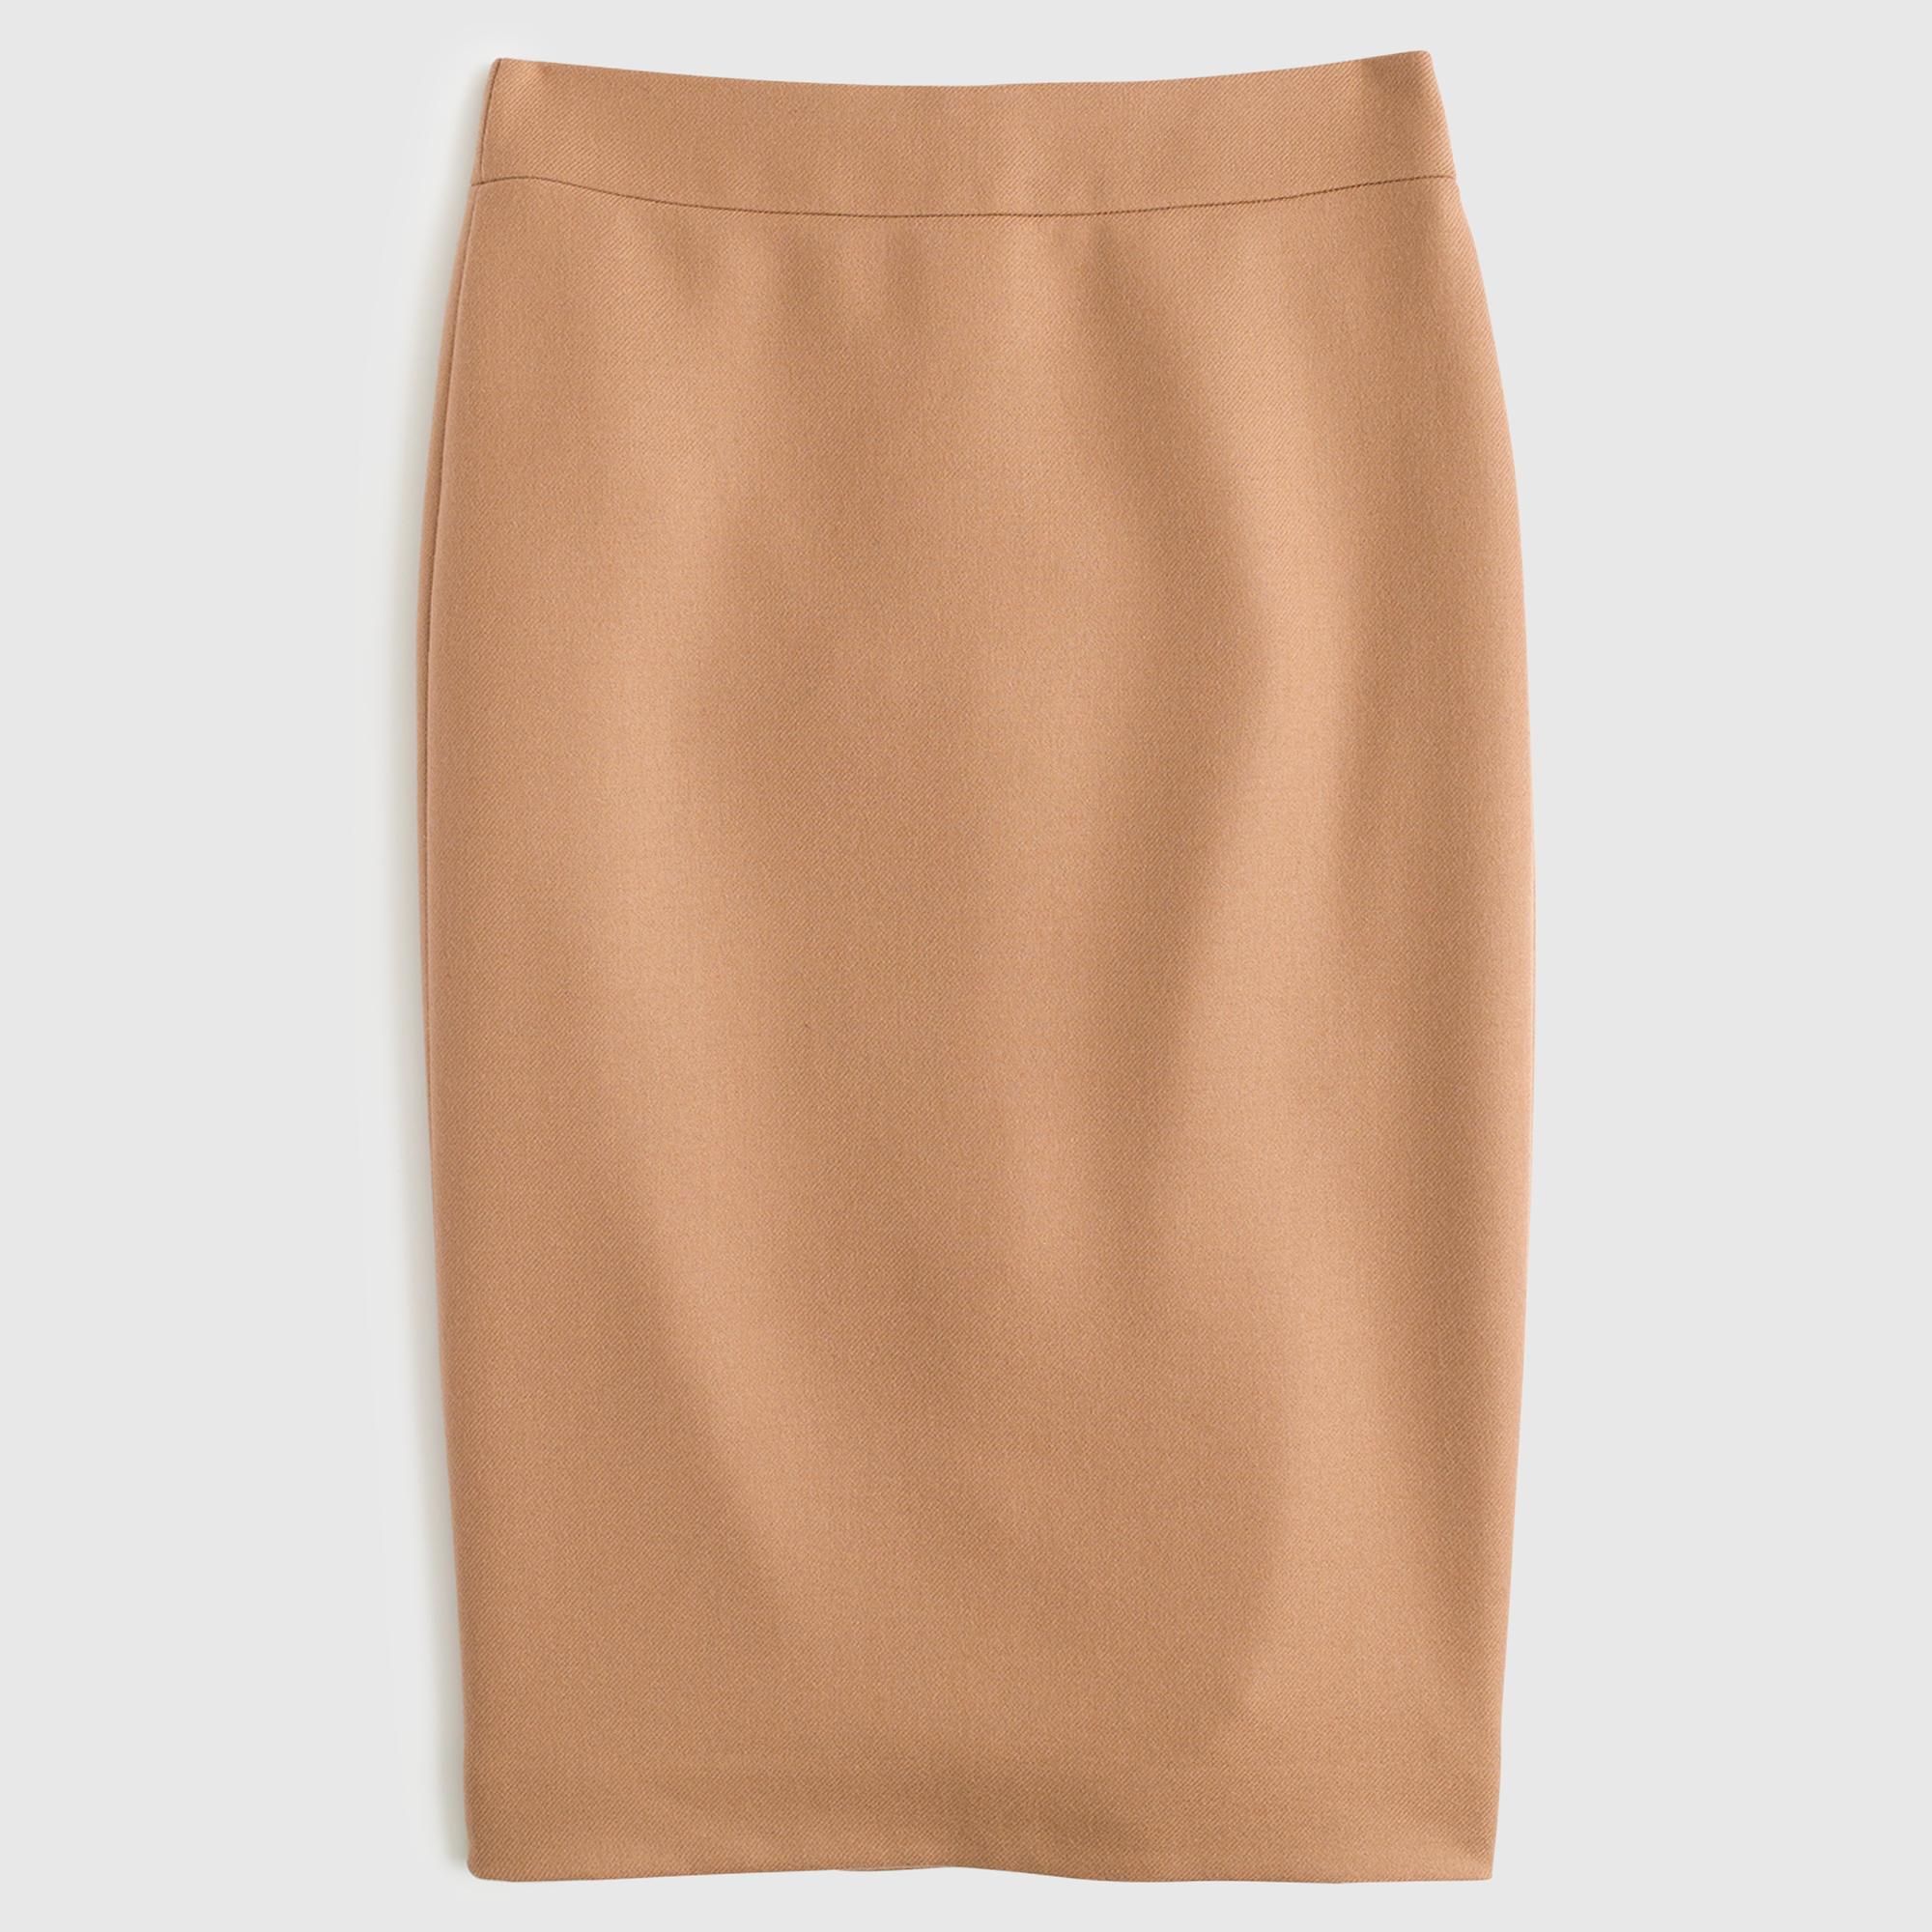 j crew no 2 pencil skirt in serge wool in beige